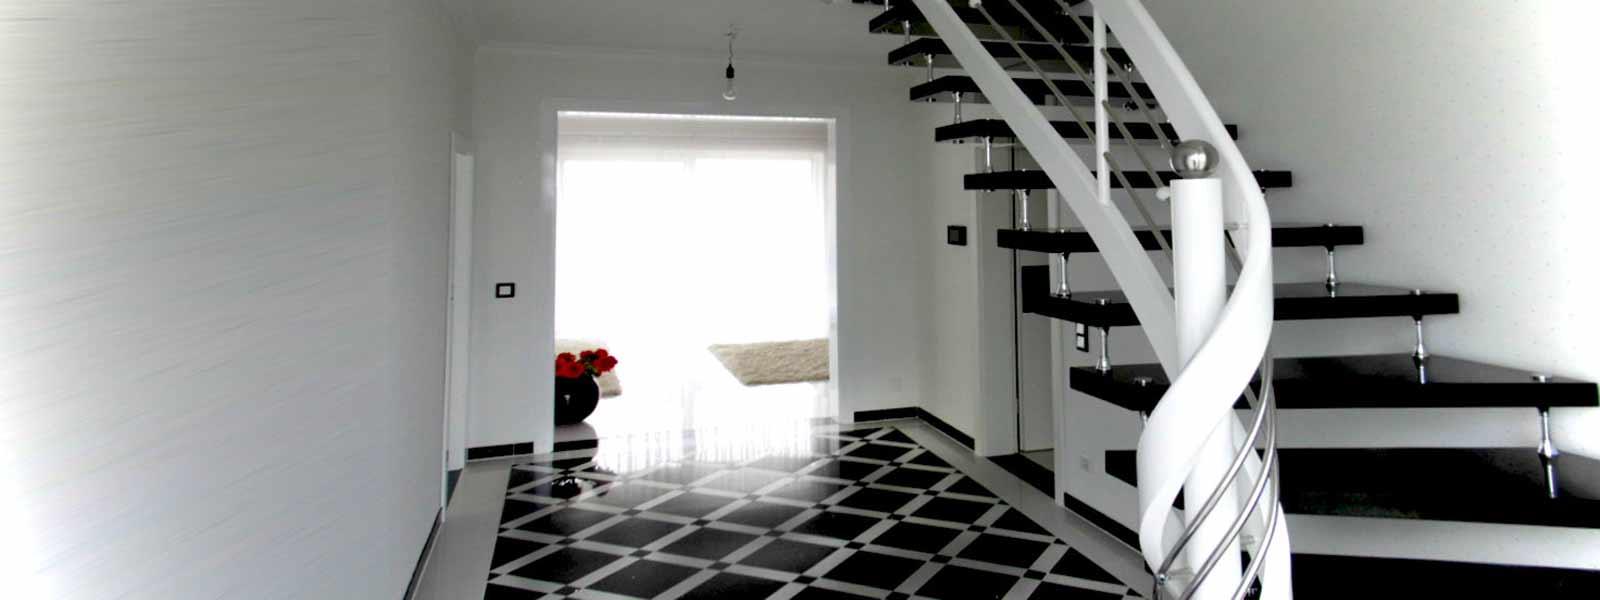 bolzentreppen freitragende treppe. Black Bedroom Furniture Sets. Home Design Ideas